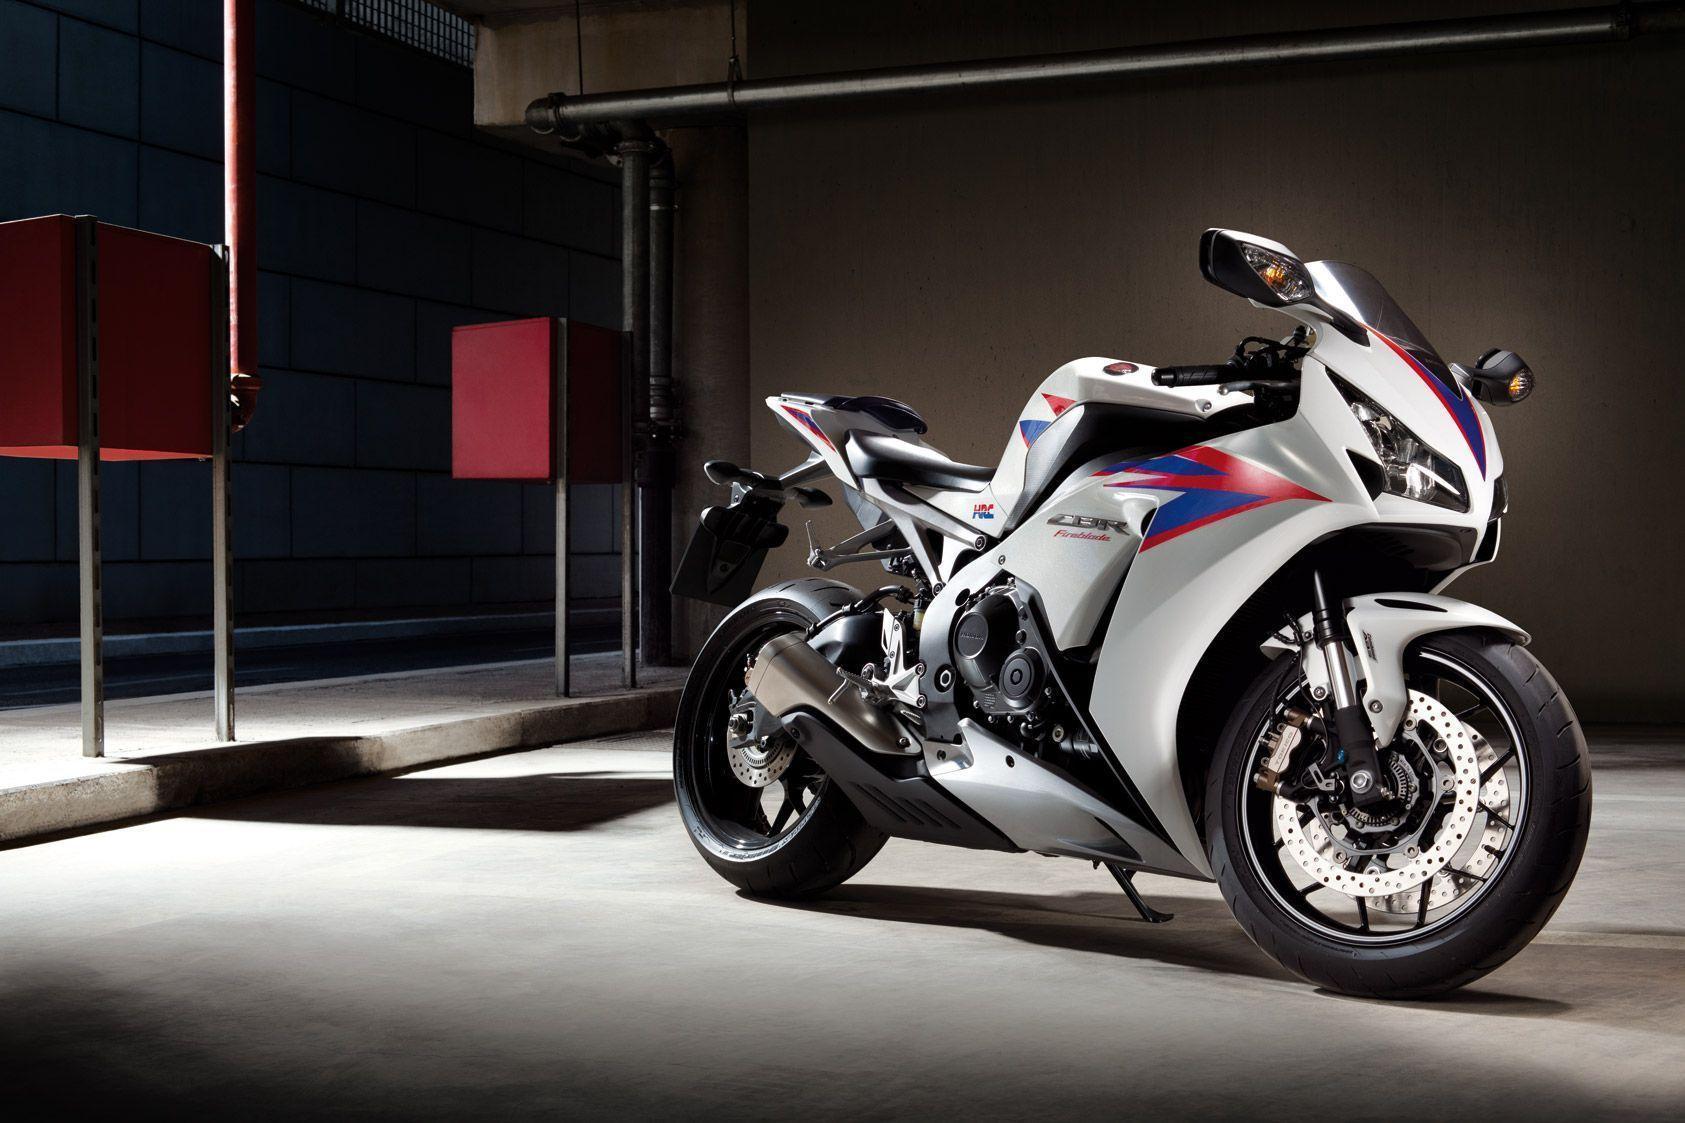 Honda Cbr Motorcycle 4k Hd Desktop Wallpaper For 4k Ultra: Honda CBR1000RR Wallpapers